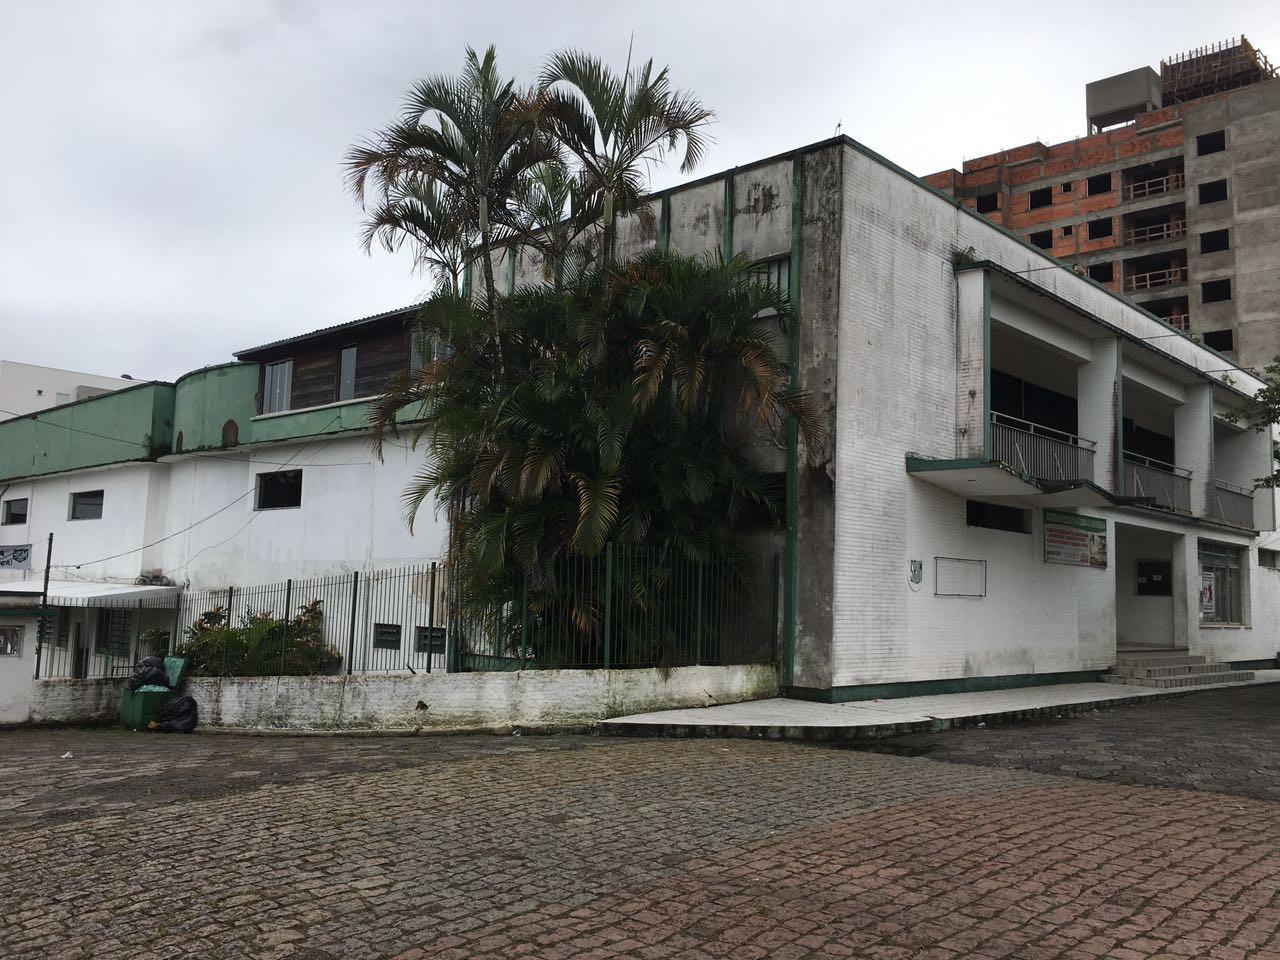 Leilão Simultâneo da 2ª Vara Cível da Comarca de Criciúma/SC.